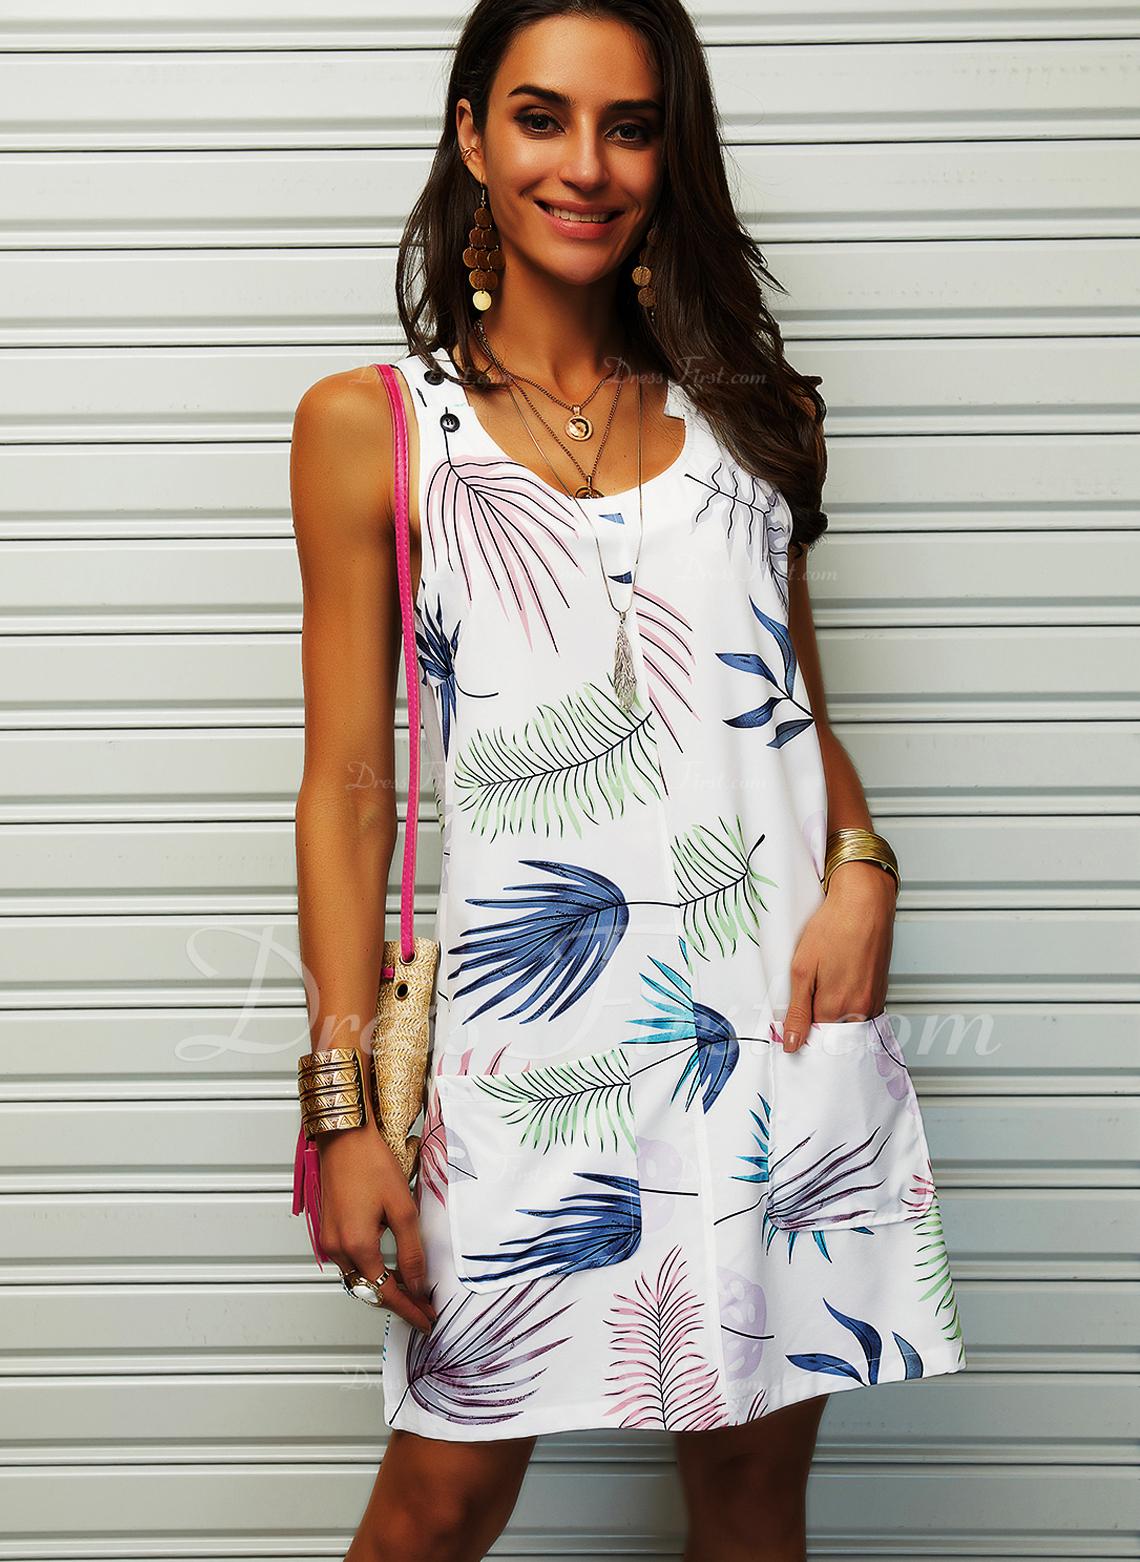 印刷 シフトドレス ノースリーブ ミニ カジュアル 休暇 タンク ファッションドレス